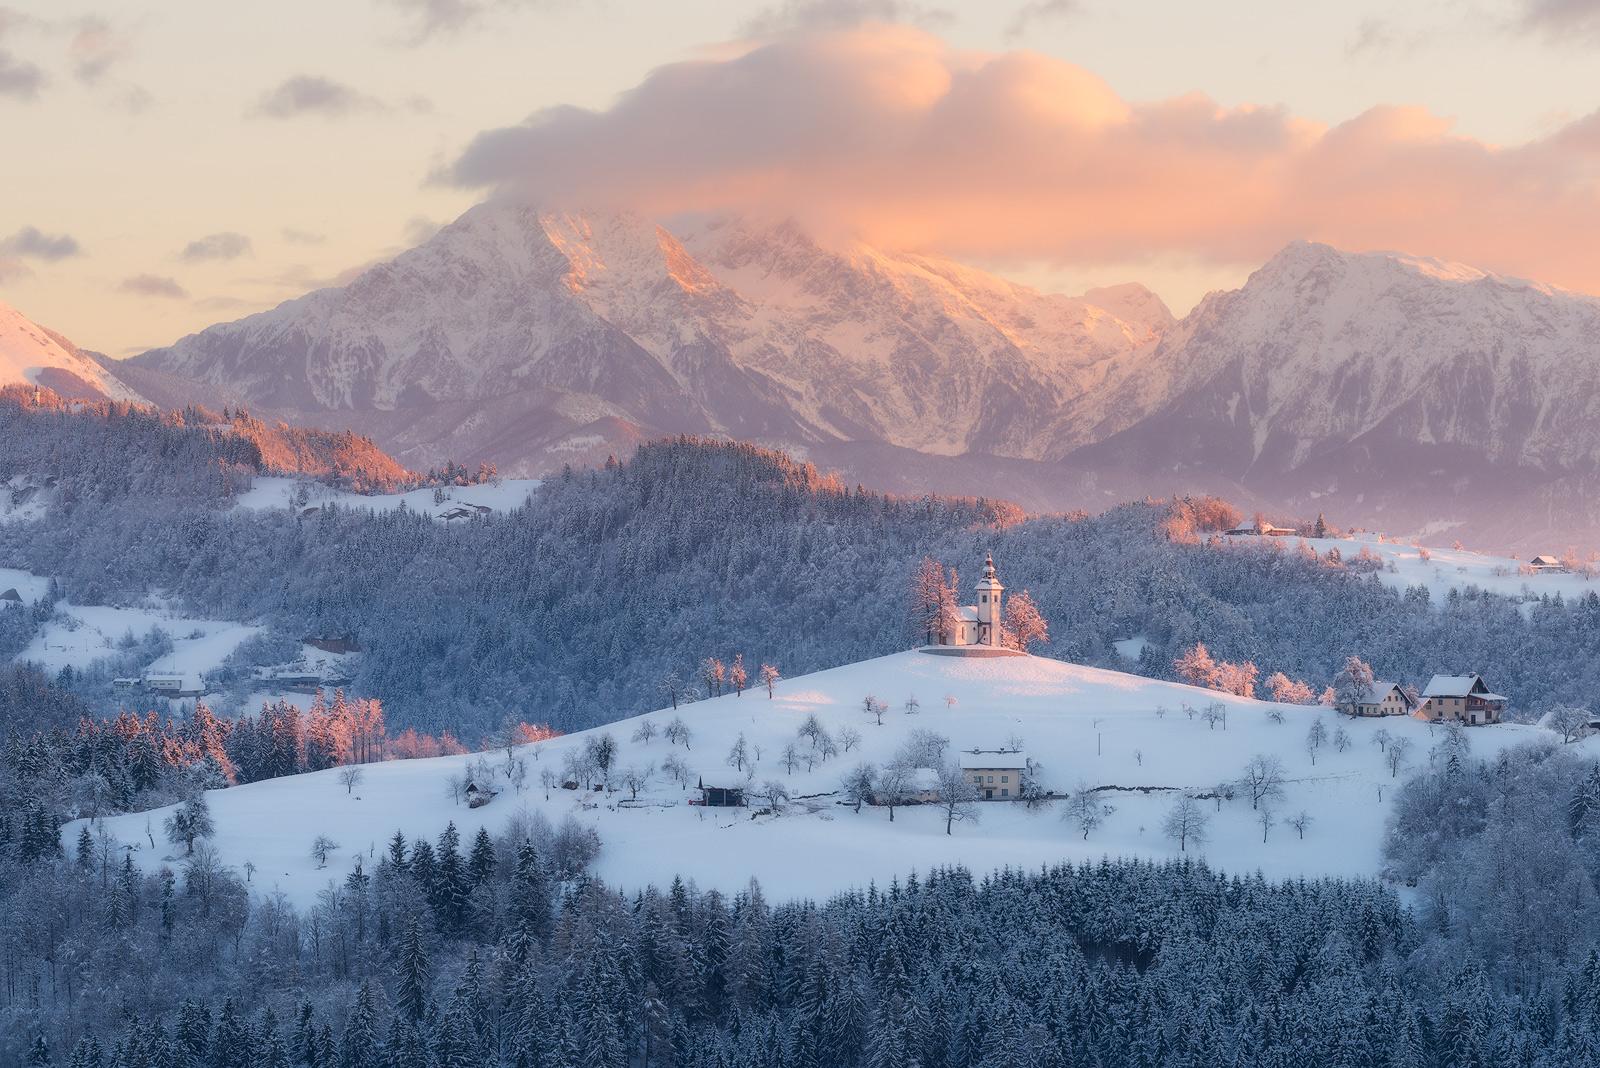 slovenia_winter_esenko_011.jpg